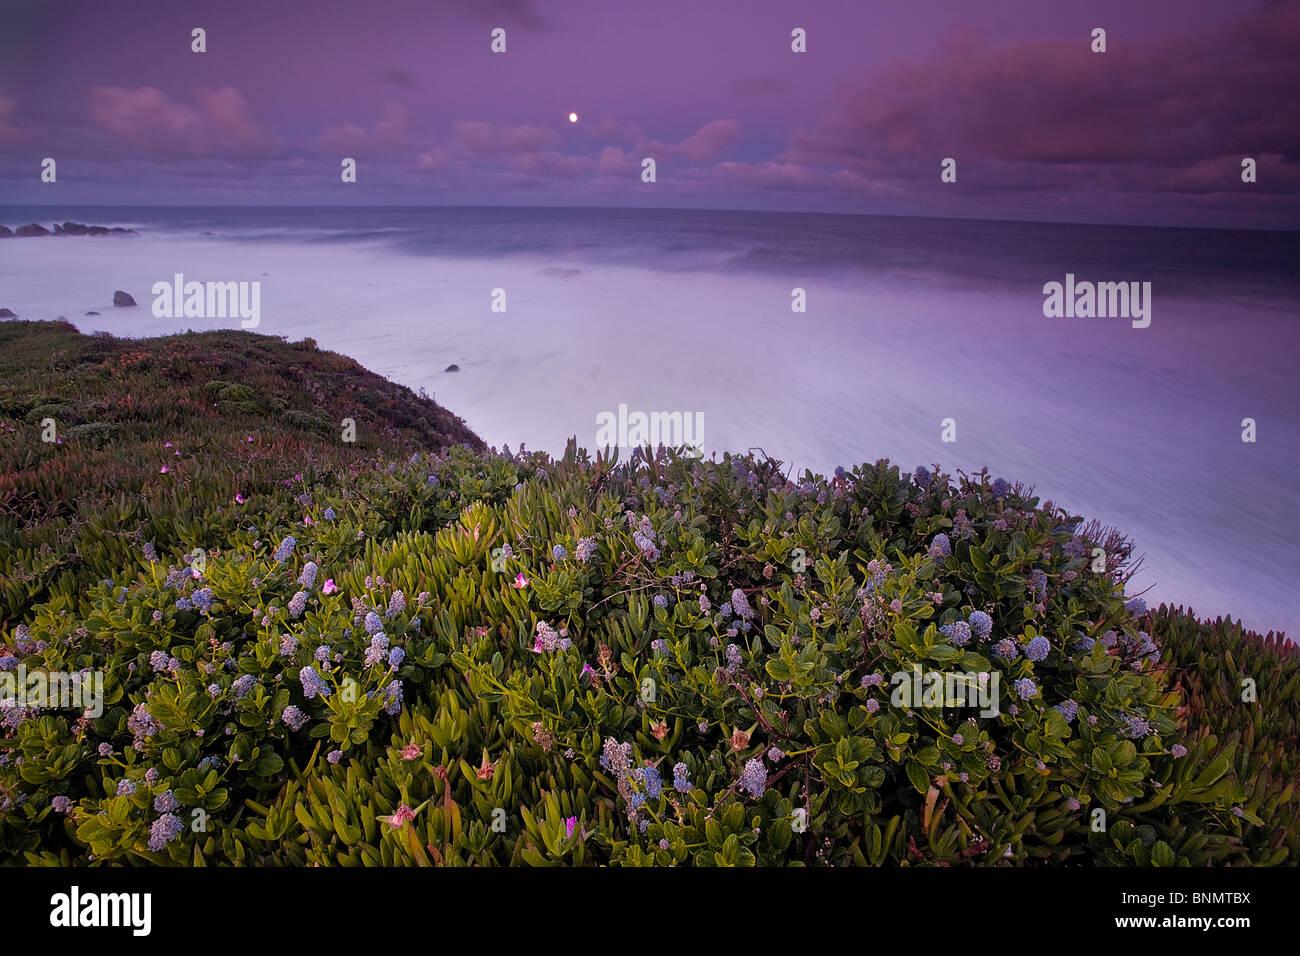 Costa de Big Sur, California, Estados Unidos. Imagen De Stock